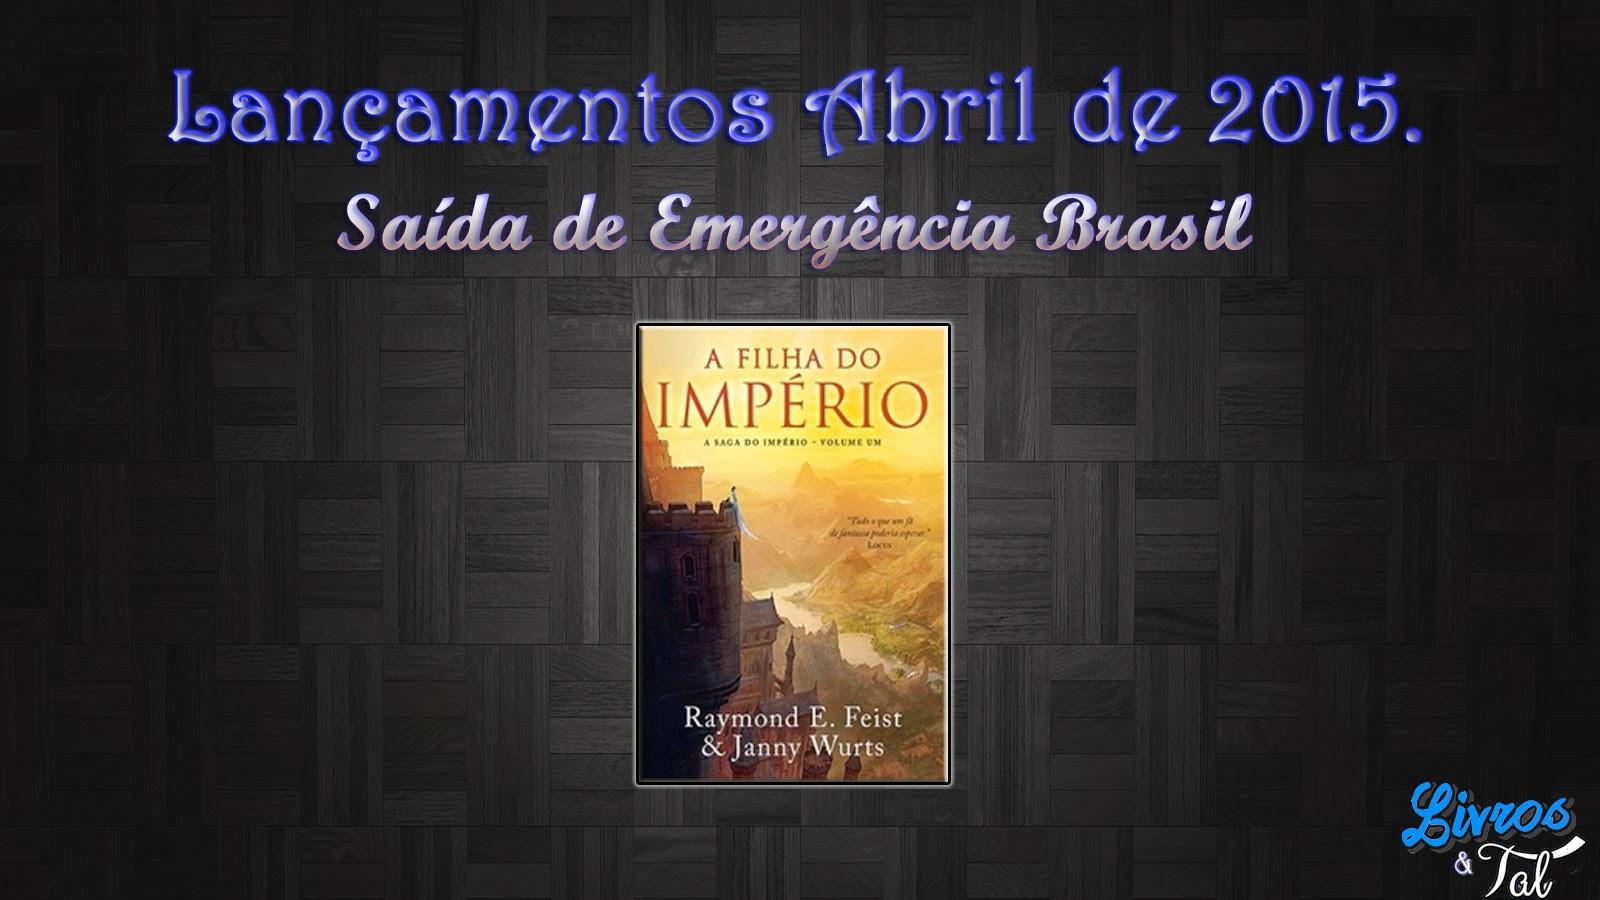 http://livrosetalgroup.blogspot.com.br/p/lancamentos-abril-de-2015-editora_1.html